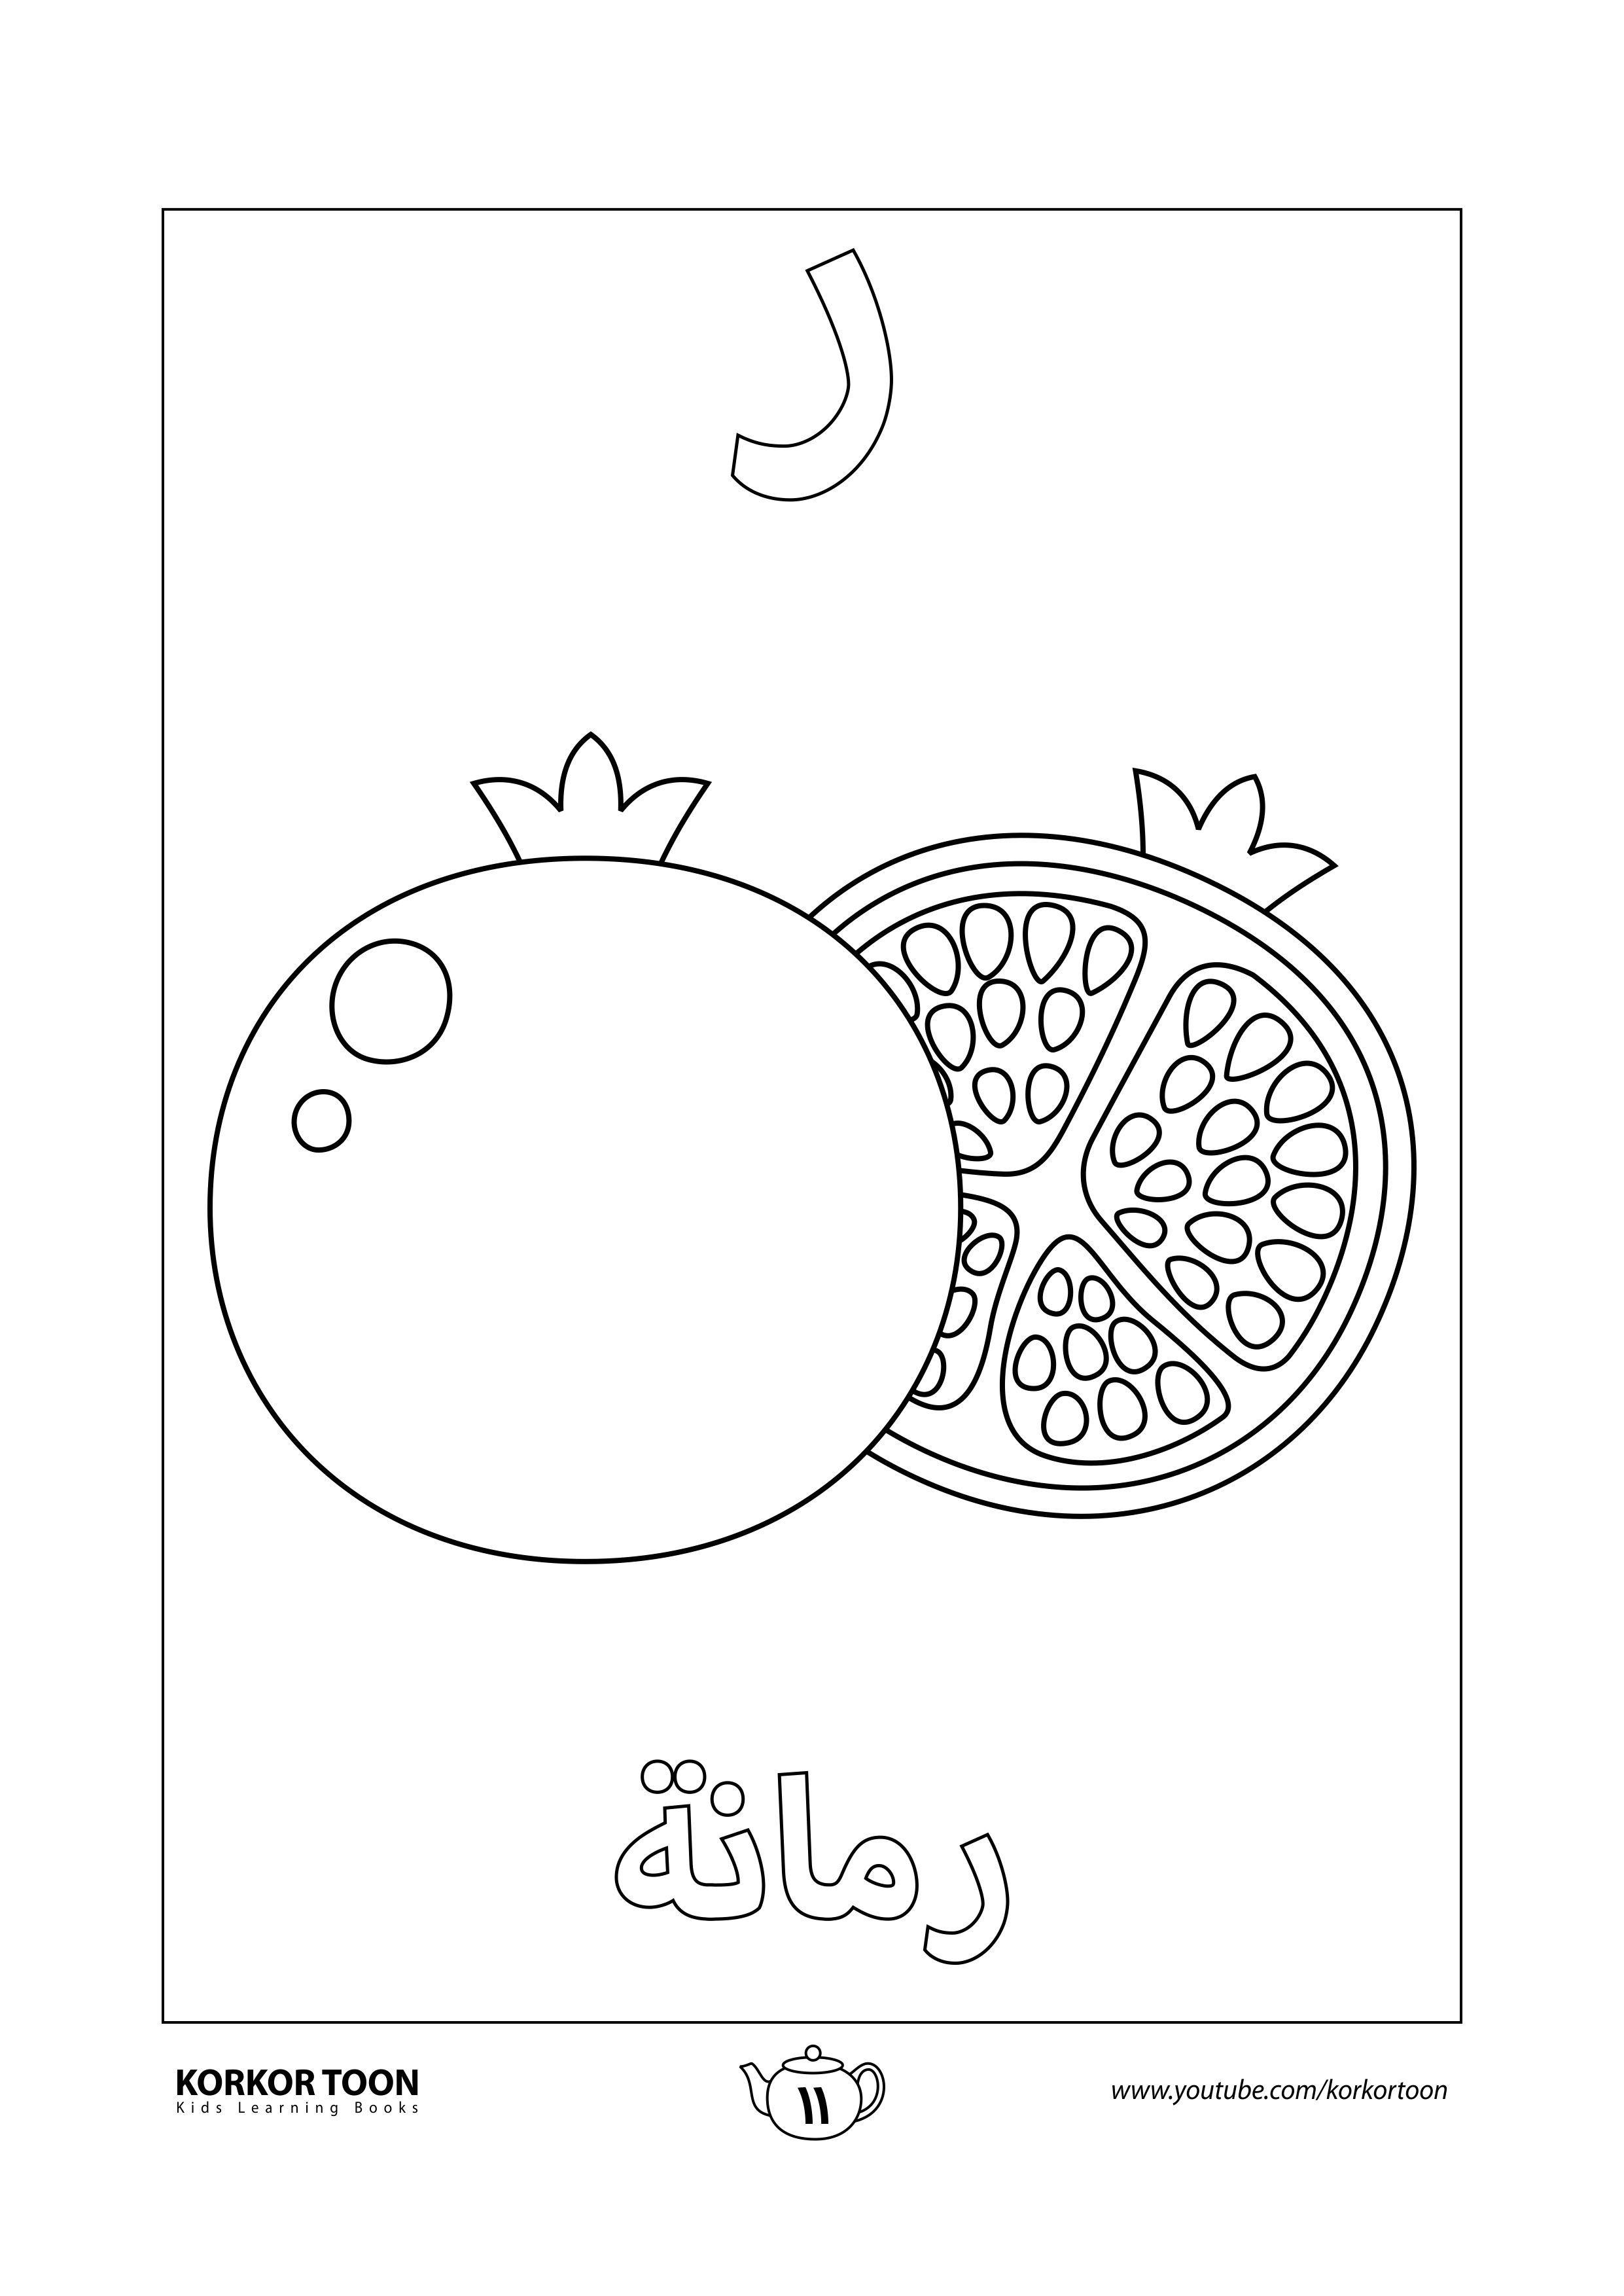 صفحة تلوين حرف الراء كتاب تلوين الحروف العربية للأطفال Preschool Writing Learning Arabic Symbols